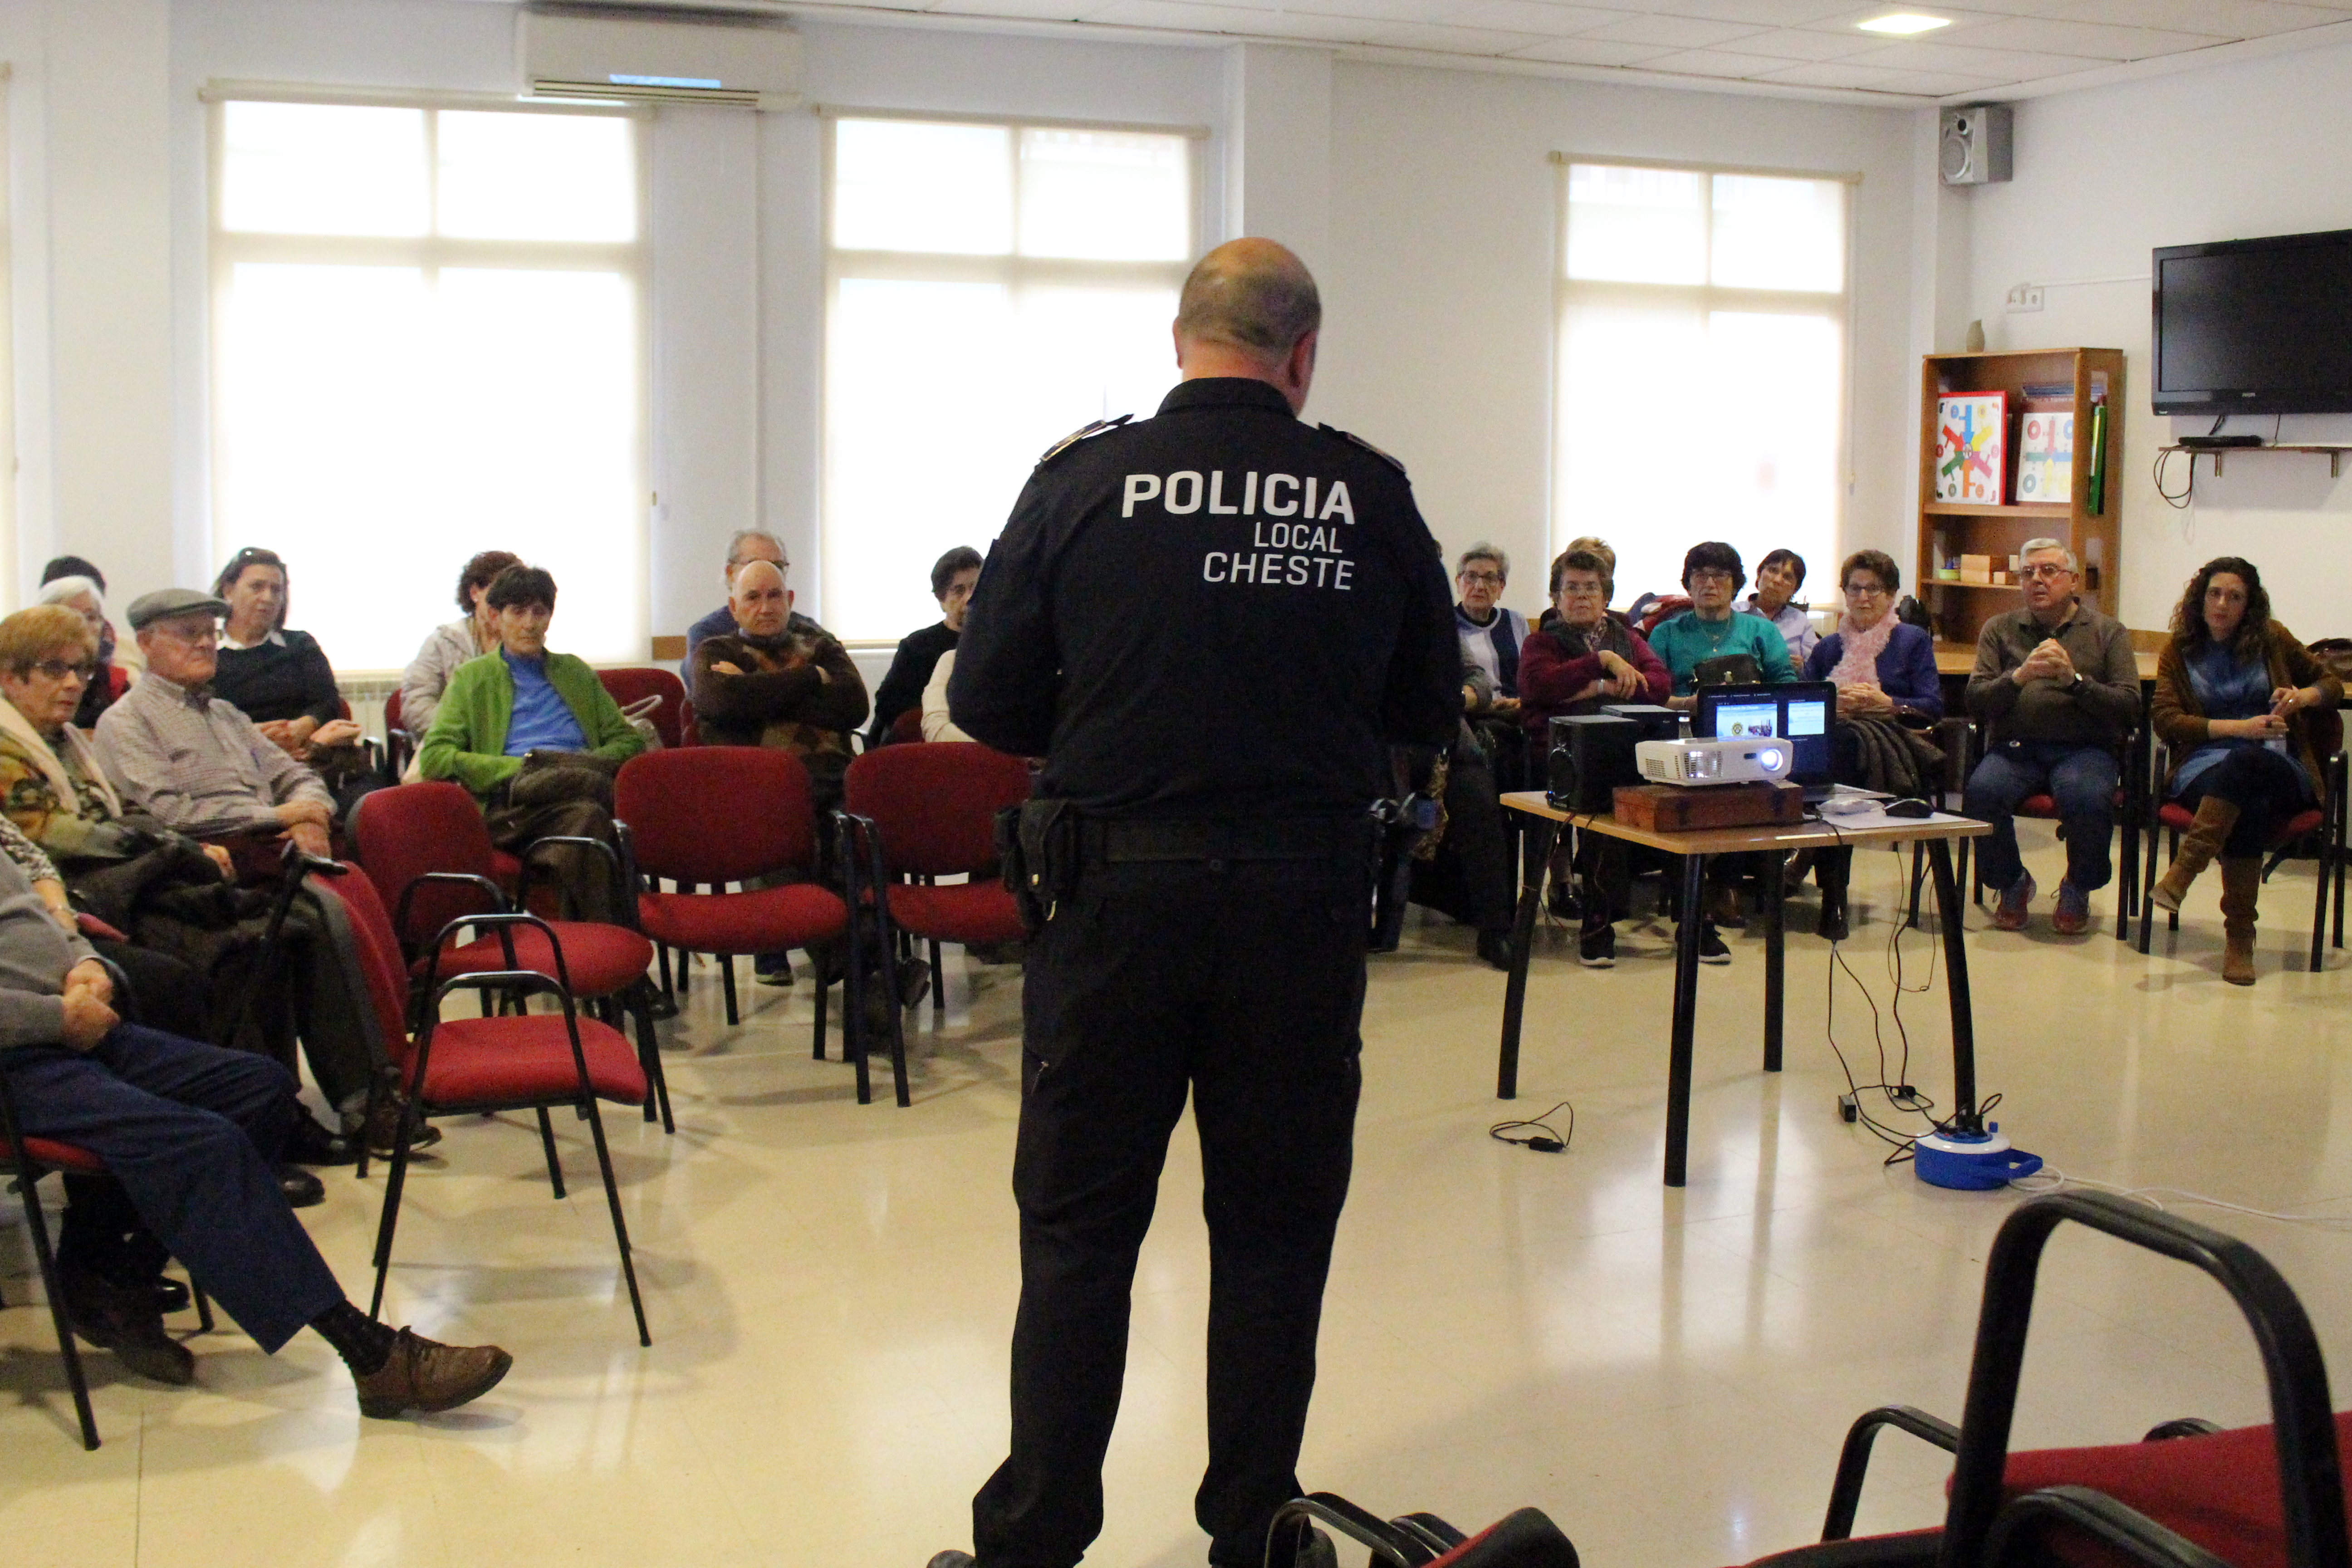 La charla contó con la presencia del Oficial Jefe de la Policía Local de Cheste, Daniel Gallardo, y de la concejala Ainoha Albiach.